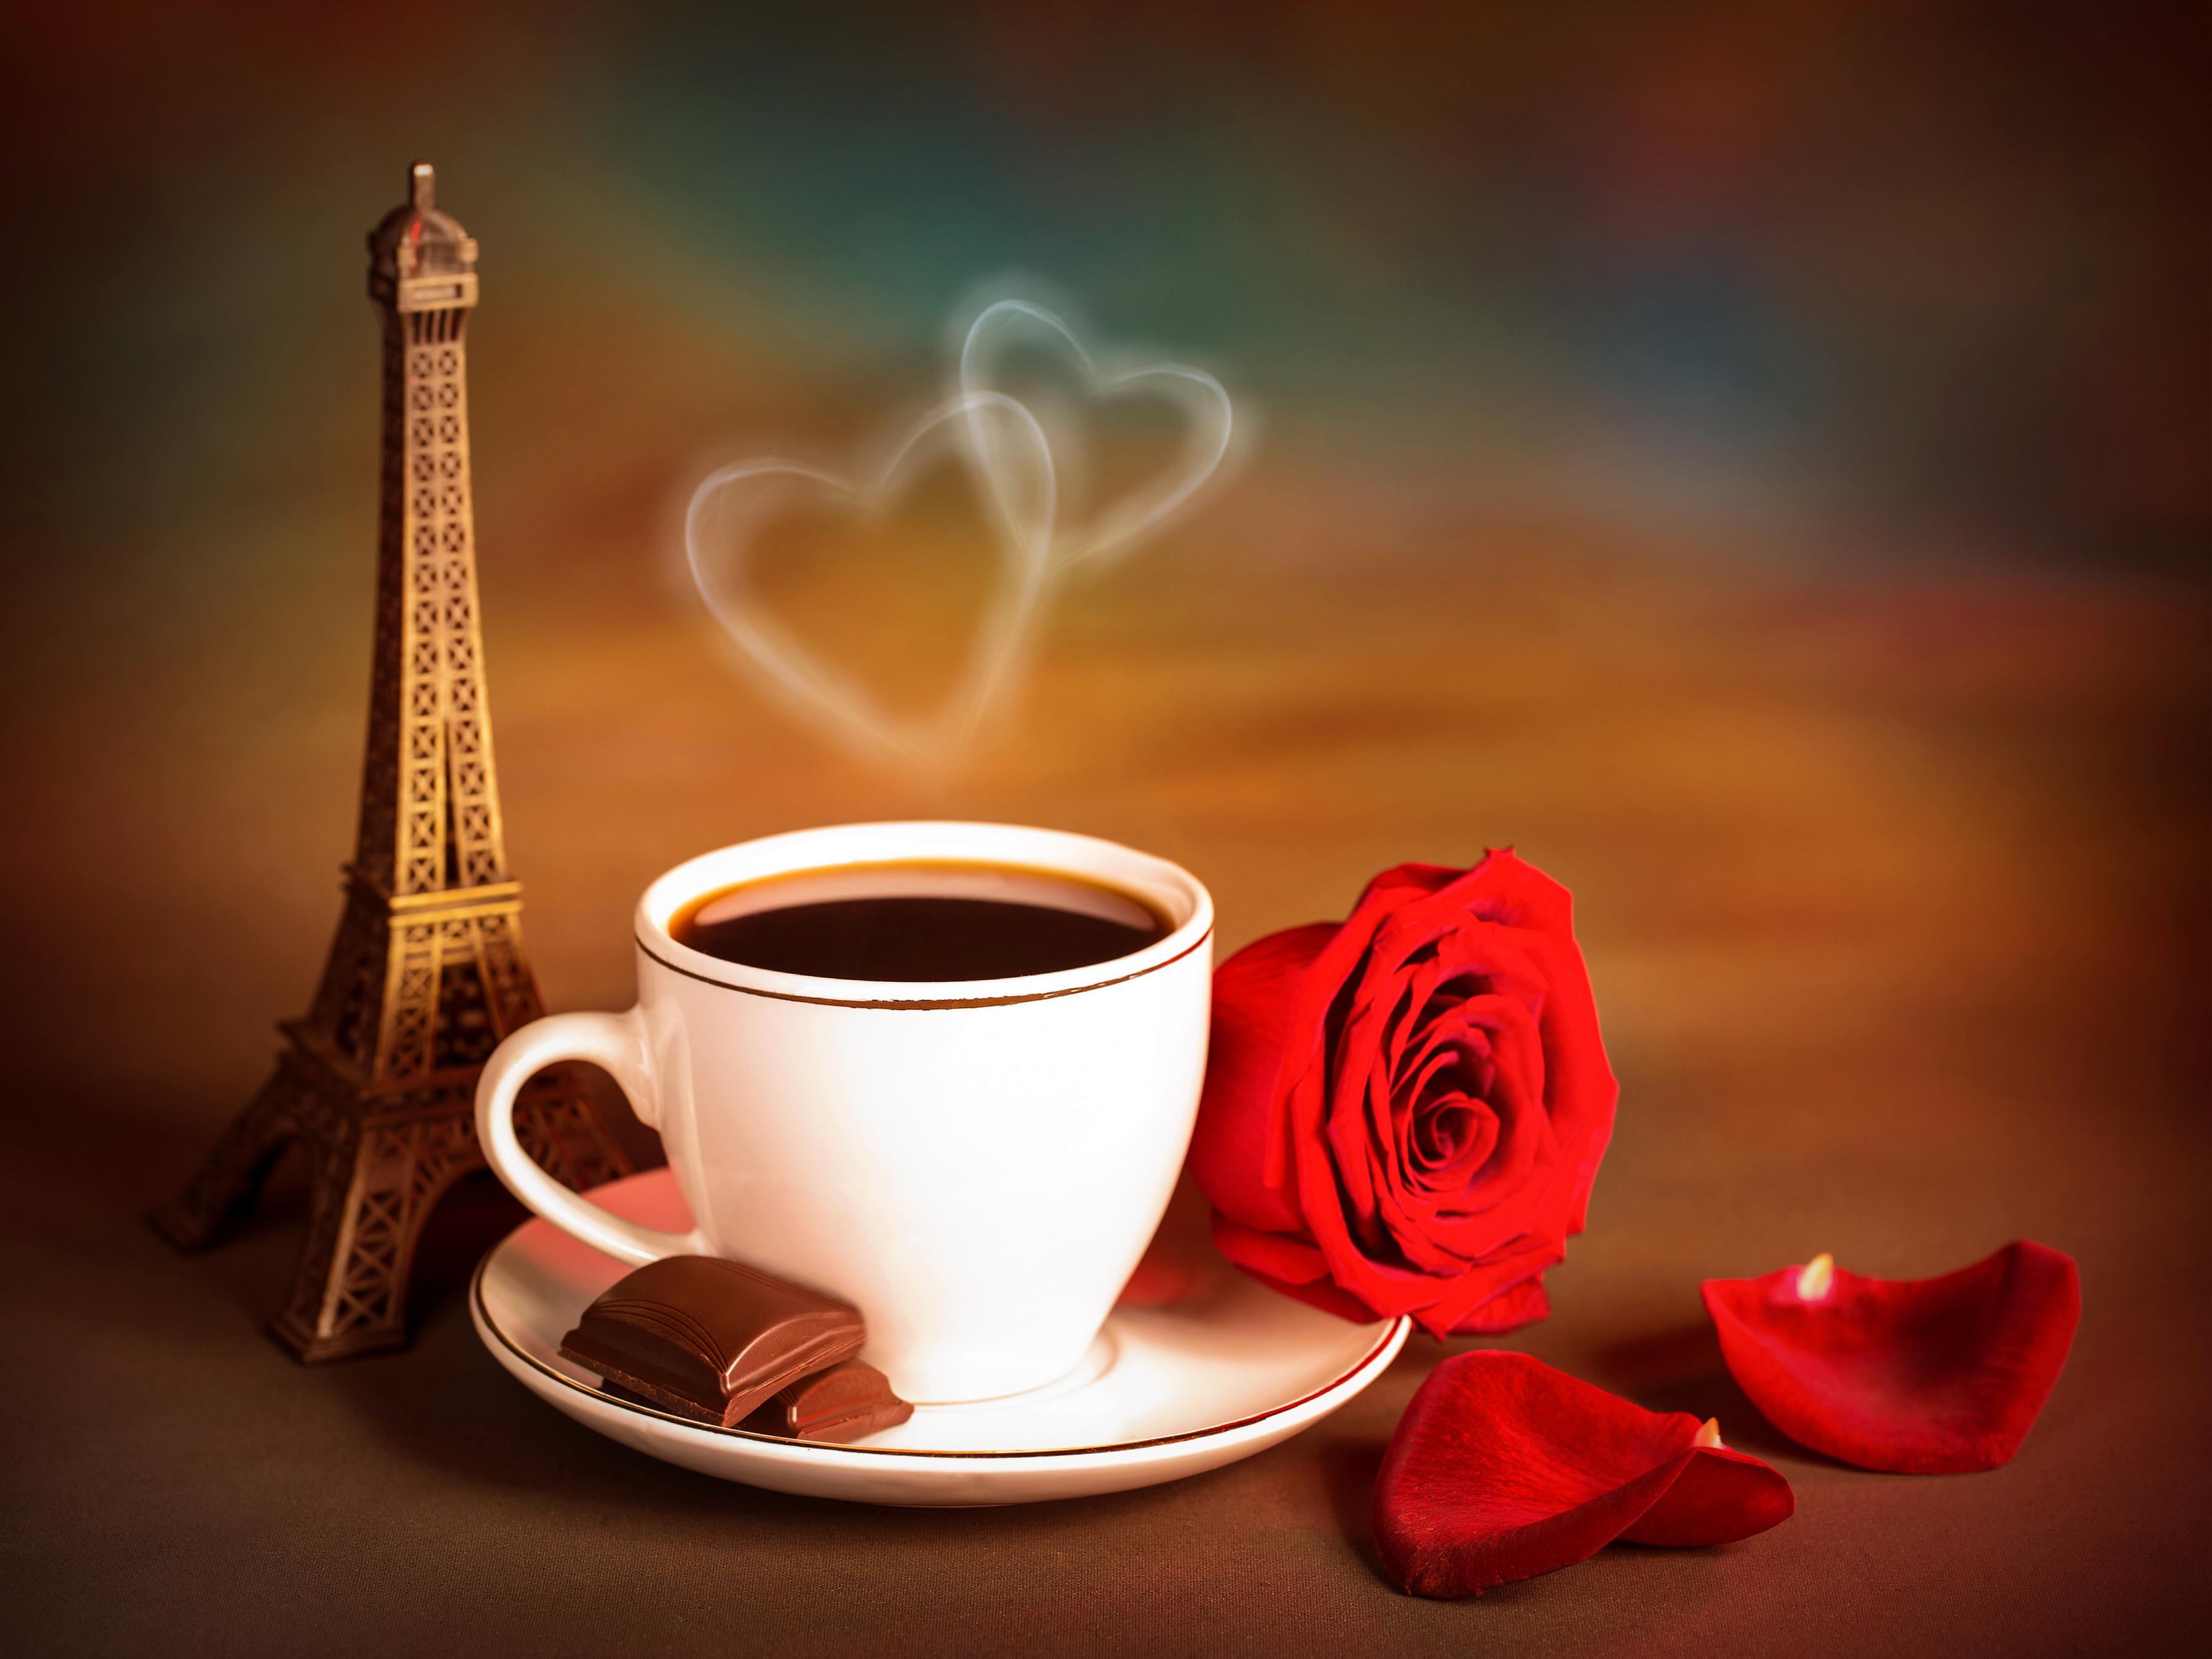 Обои лето Париж Эйфелева башня море пальмы летняя